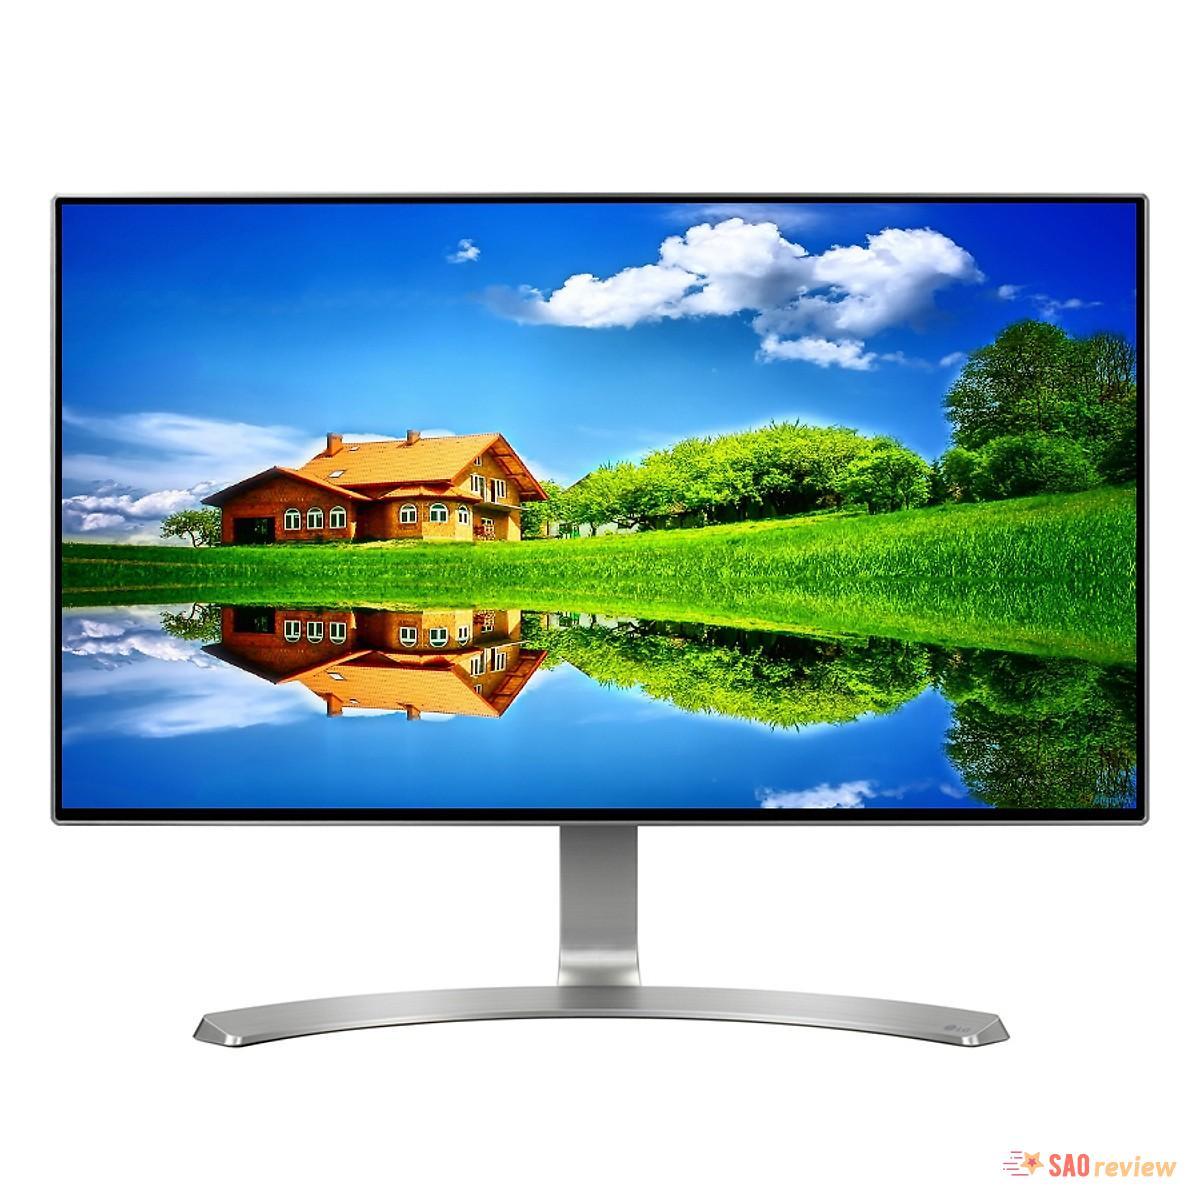 Màn hình máy tính LG 24MP88HV-S (IPS) 24 inch